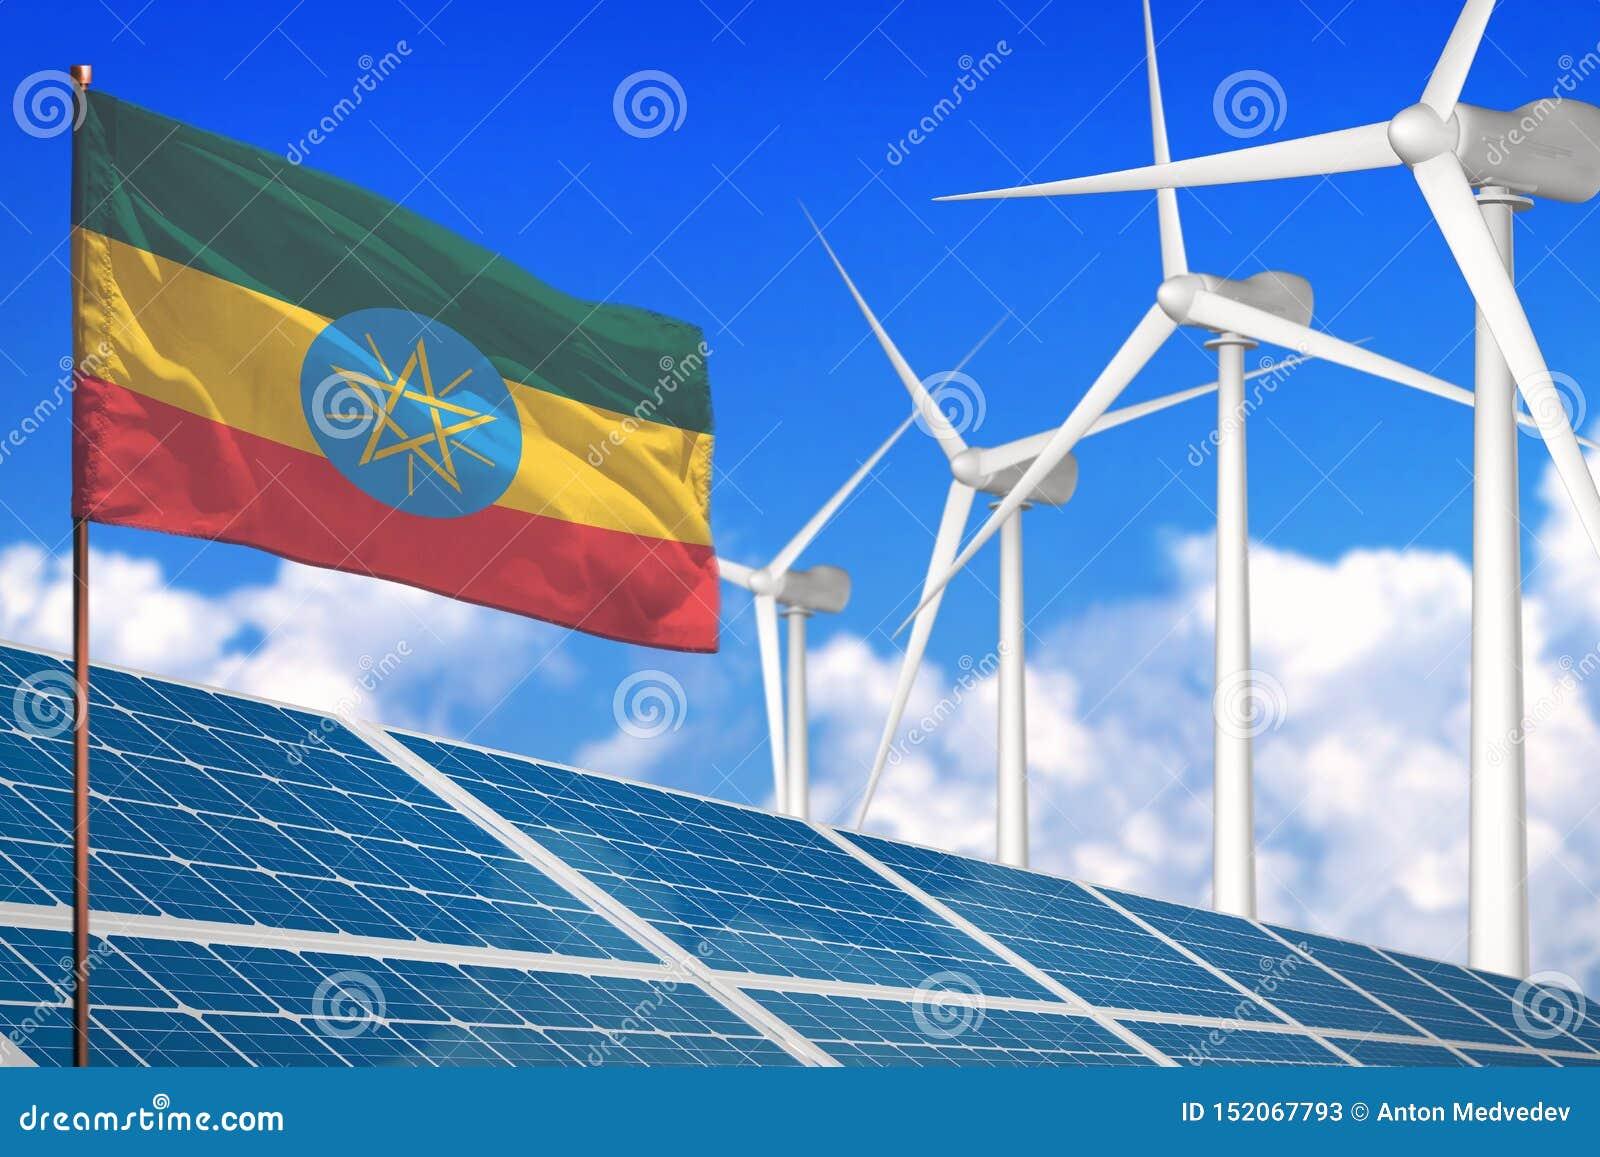 Sol- Etiopien och vindenergi, förnybara energikällorbegrepp med industriella solpaneler - förnybara energikällor mot global uppvä